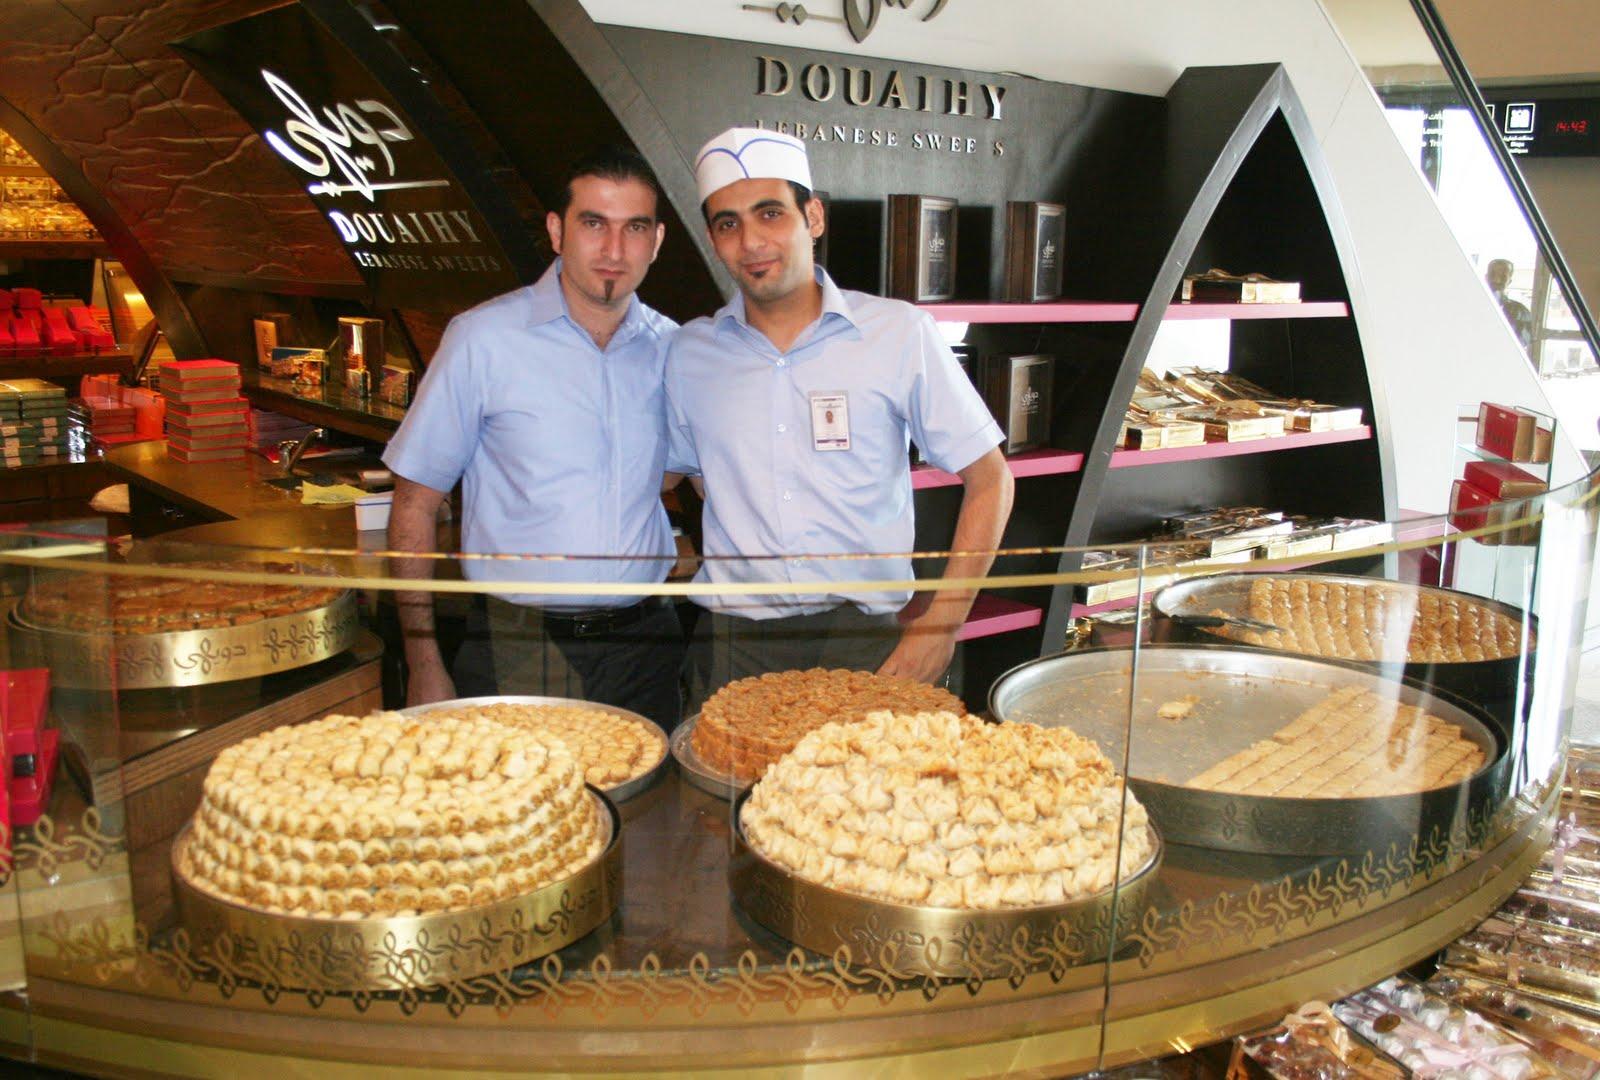 Et avant de partir pour Paris, un petit tour par l\u0027aéroport de Beyrouth,  dans le duty free où de nombreuses pâtisseries se font concurrence.